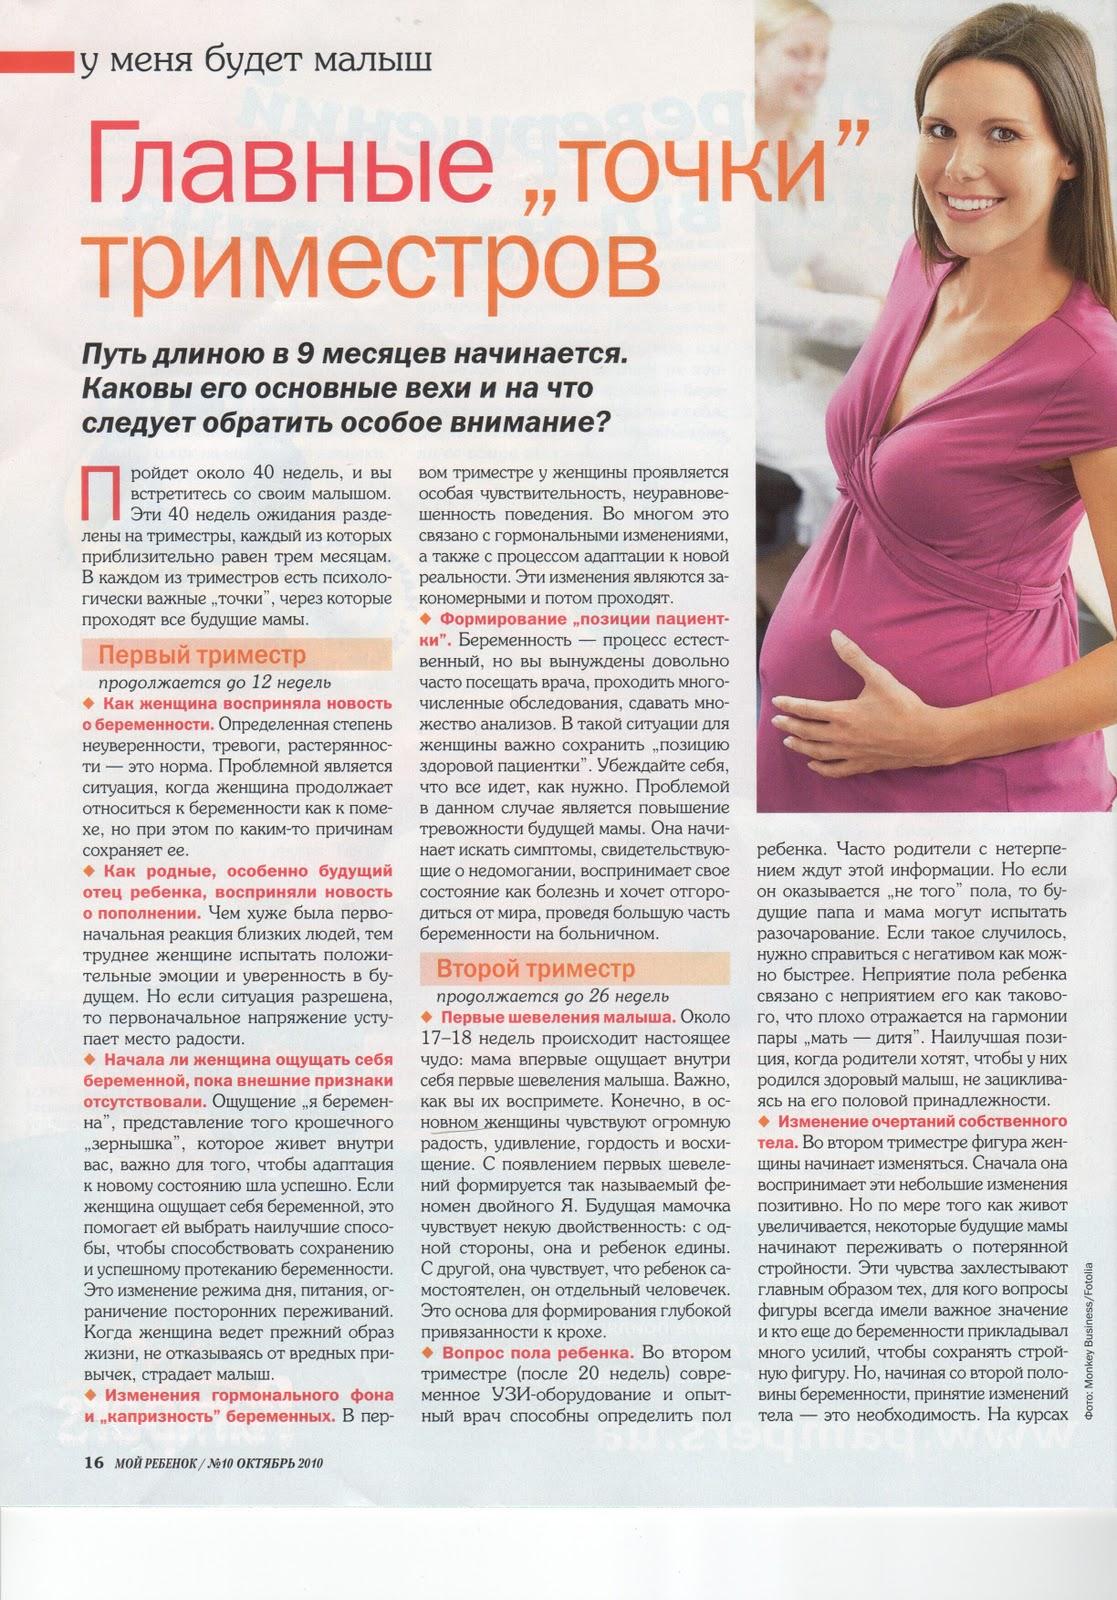 Обязан работодатель отпускать беременную к врачу 8